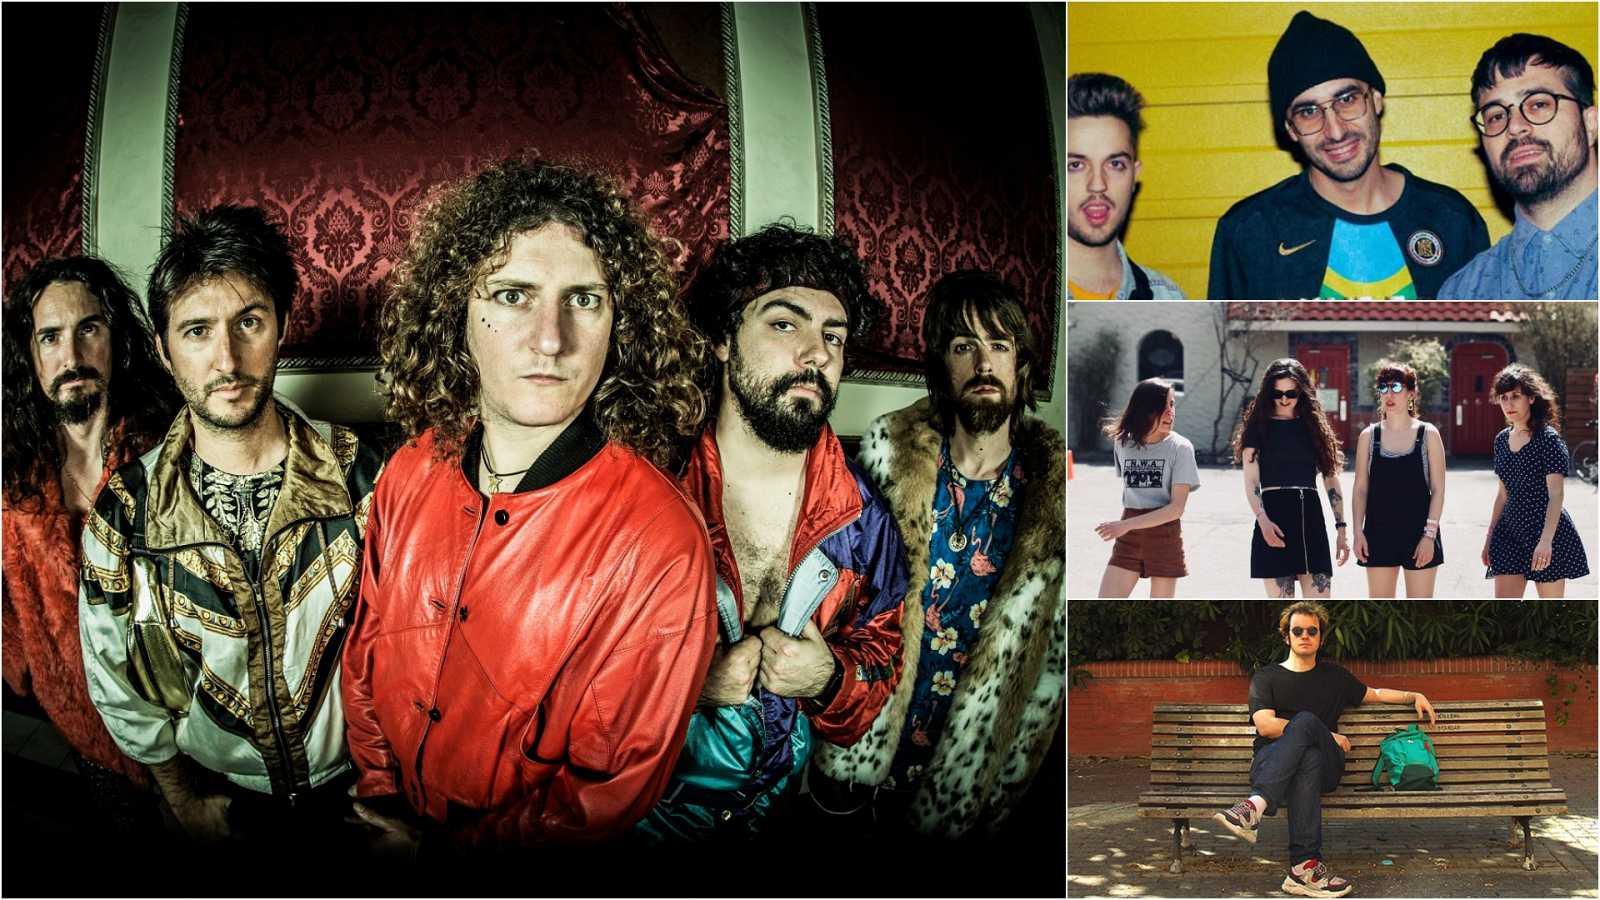 Equilibristas - La música la ponen: Melenas, Los Derby, Kickbombo y Pablo Wilson - 23/08/20 - escuchar ahora